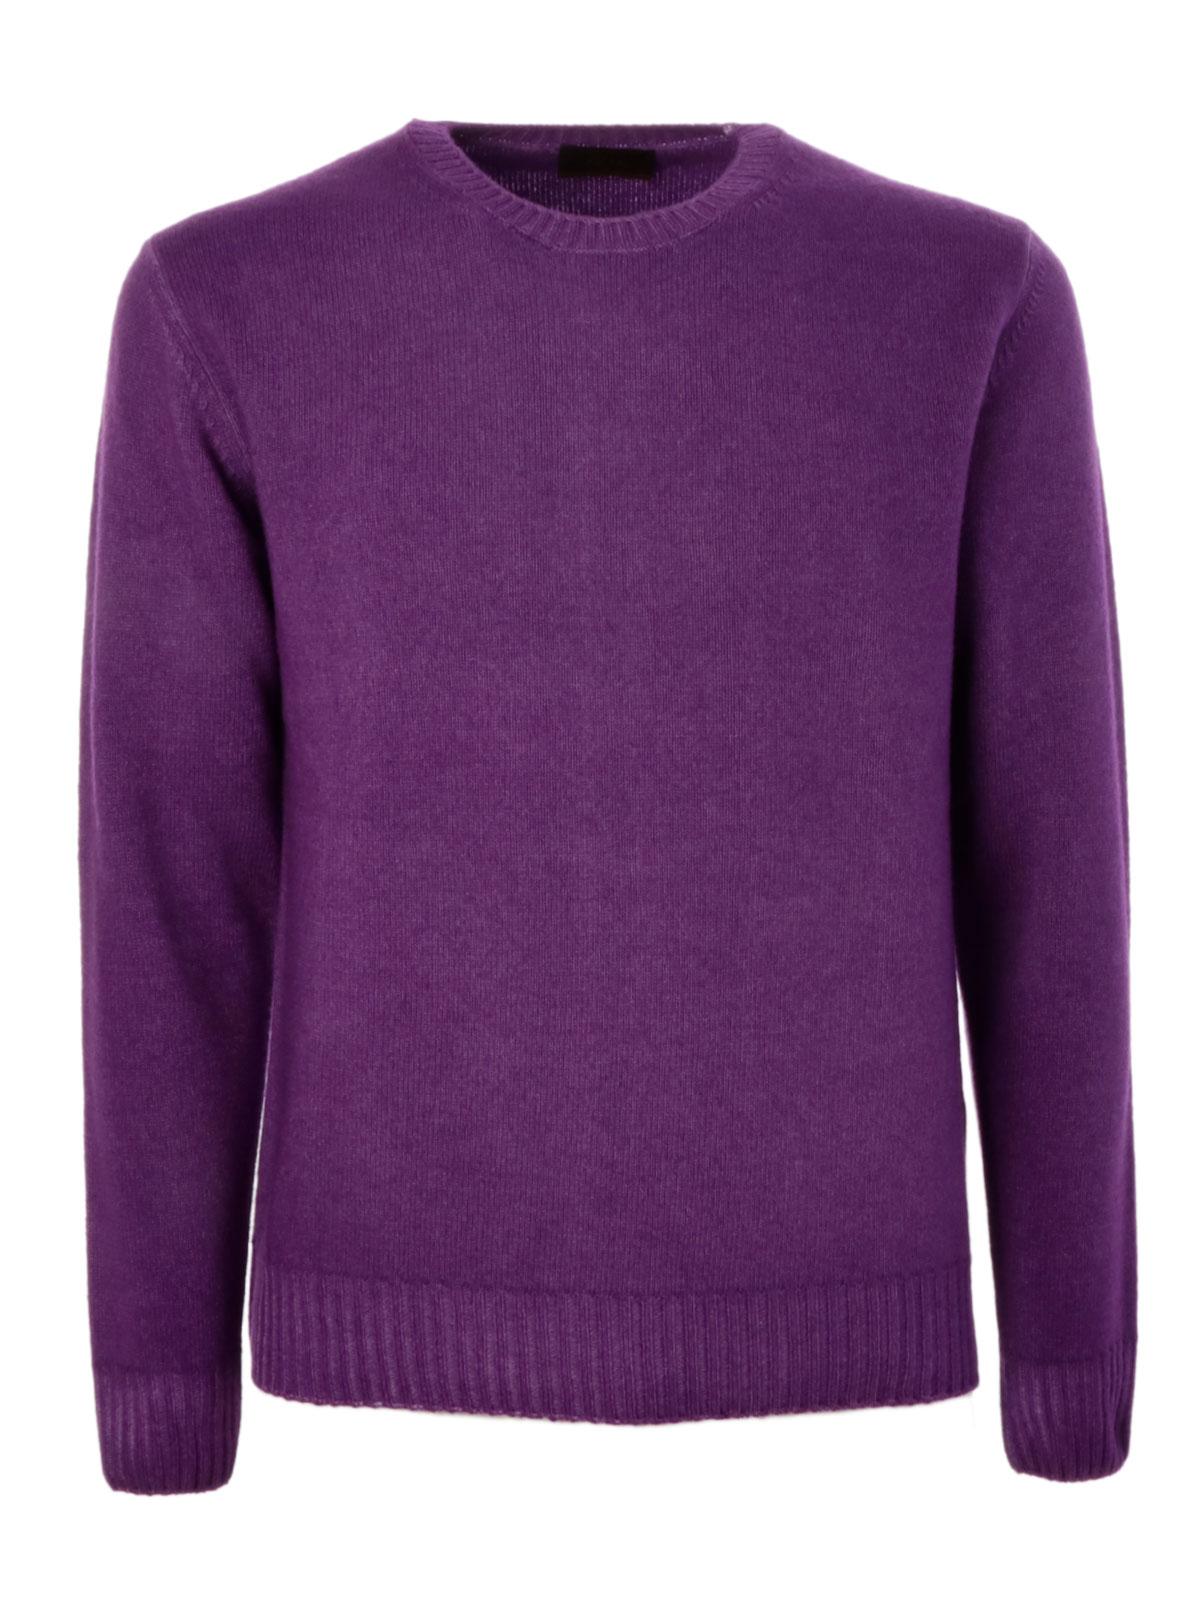 Picture of ALTEA | Men's Virgin Wool Sweater